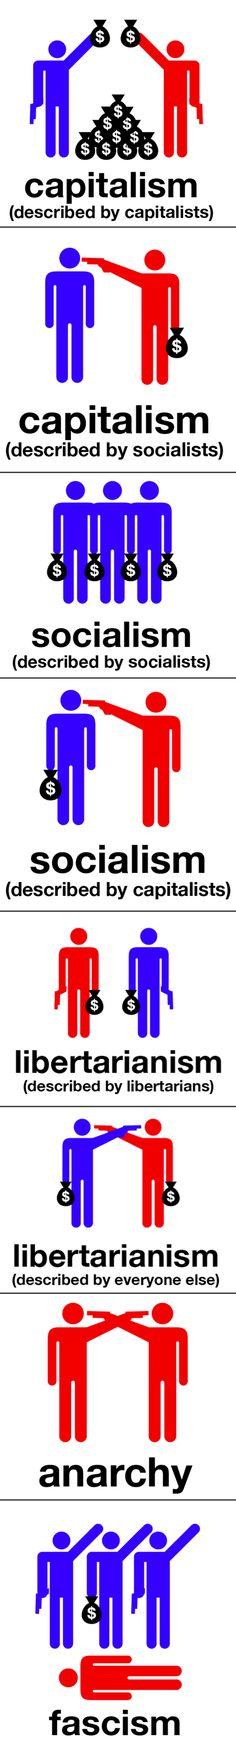 Varios modelos socio-económicos en una sola infografía